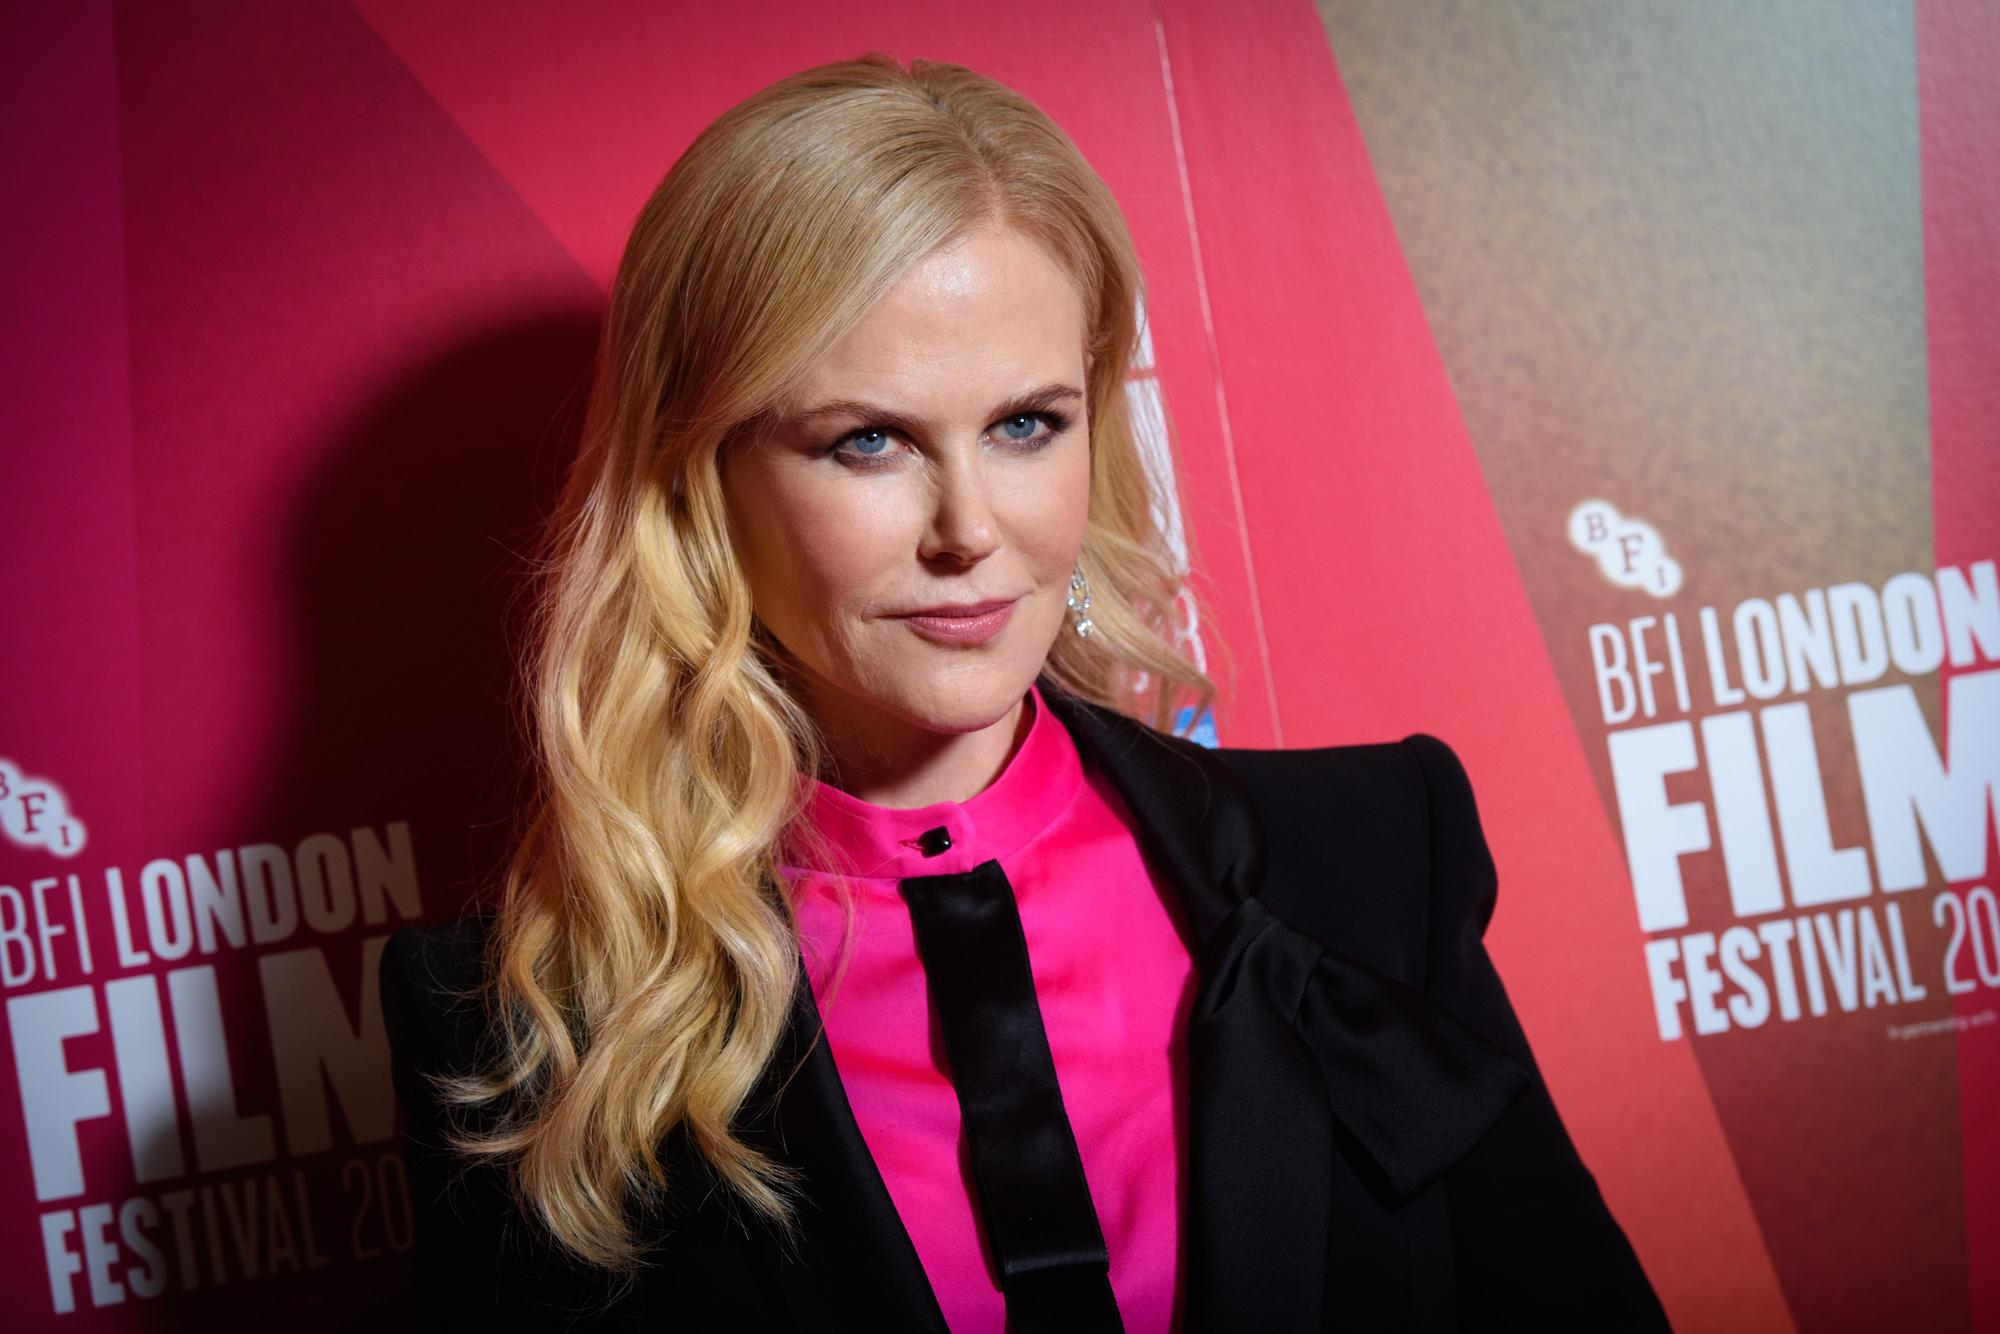 Nicole Kidman Looks Completely Unrecognizable As An Lapd